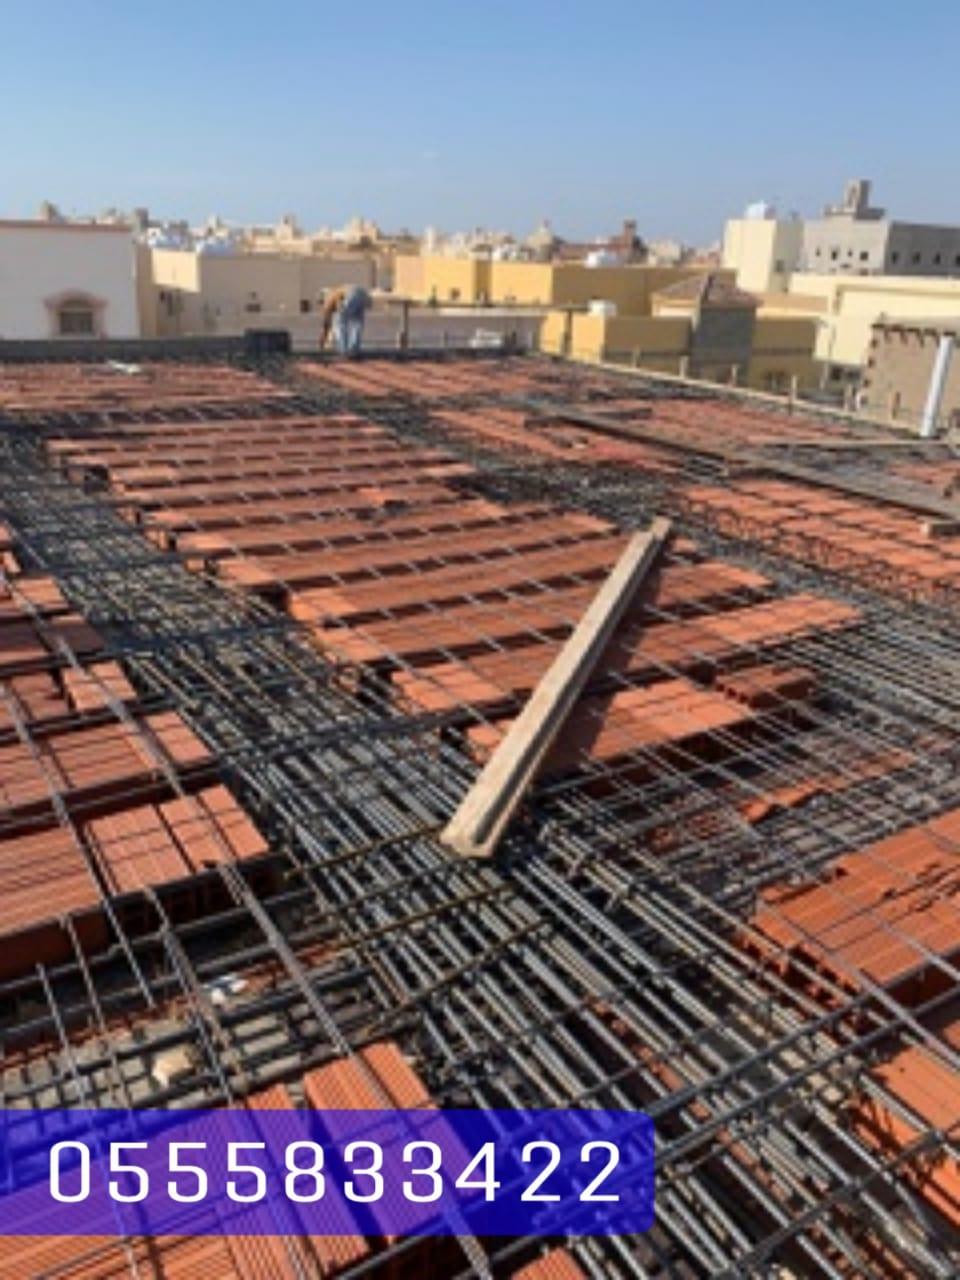 مقاول معماري بناء بالمواد عظم  , 0555833422 , , مقاول بناء في الخبر , مقاول ترميم وترميمات في الخبر P_1699dmlbz4